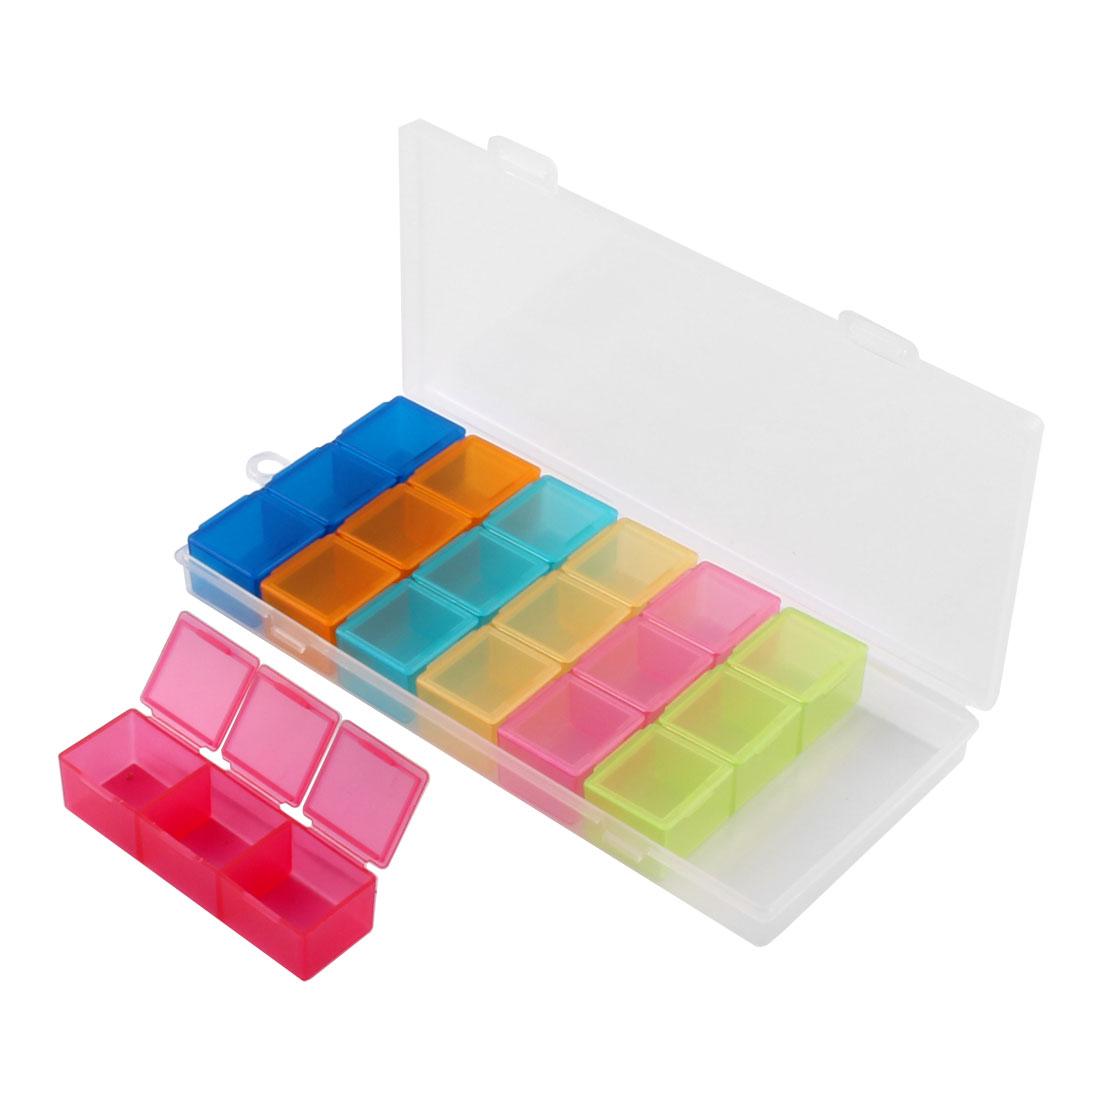 Pills Vitamin Plastic 21 Slots Compartments Drug Splitters Pill Box Assorted Color